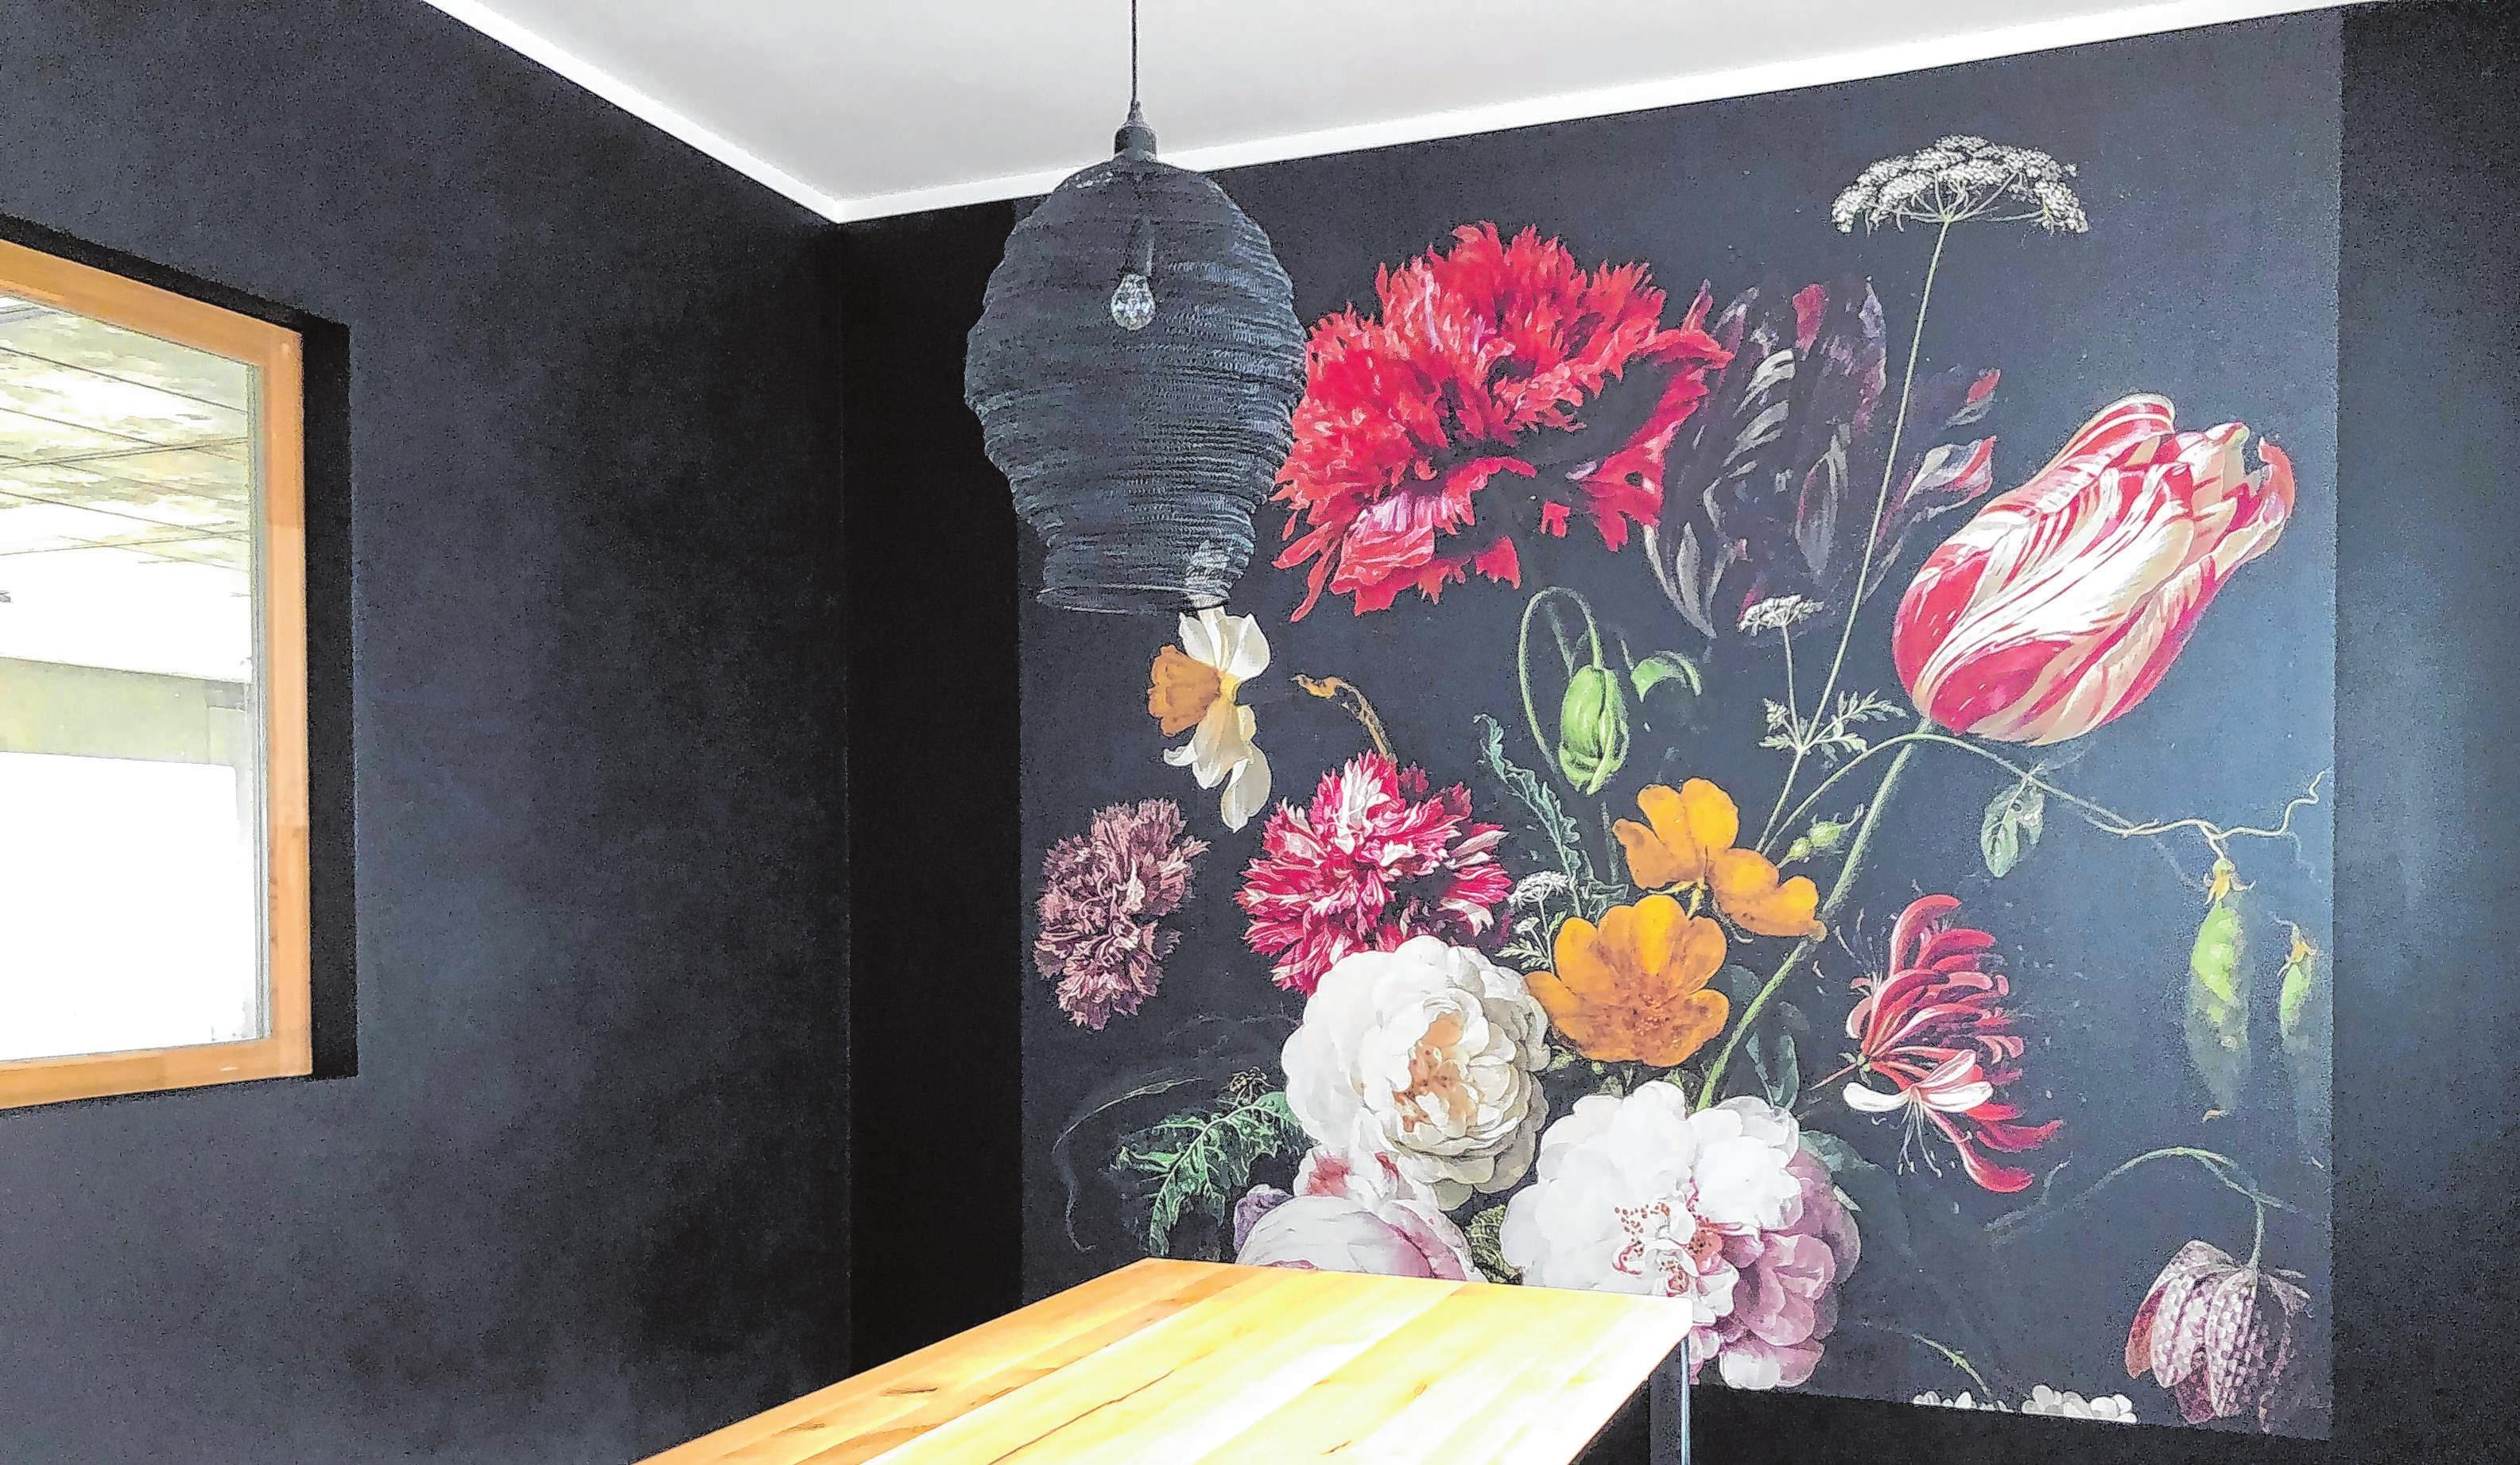 Ein Hingucker in Südtirol: Die blumige Tapete brachte Jan Schulz auf Kundenwunsch im Hofladen eines Bauernhofs an. Fotos: Jan Schulz/JS Color